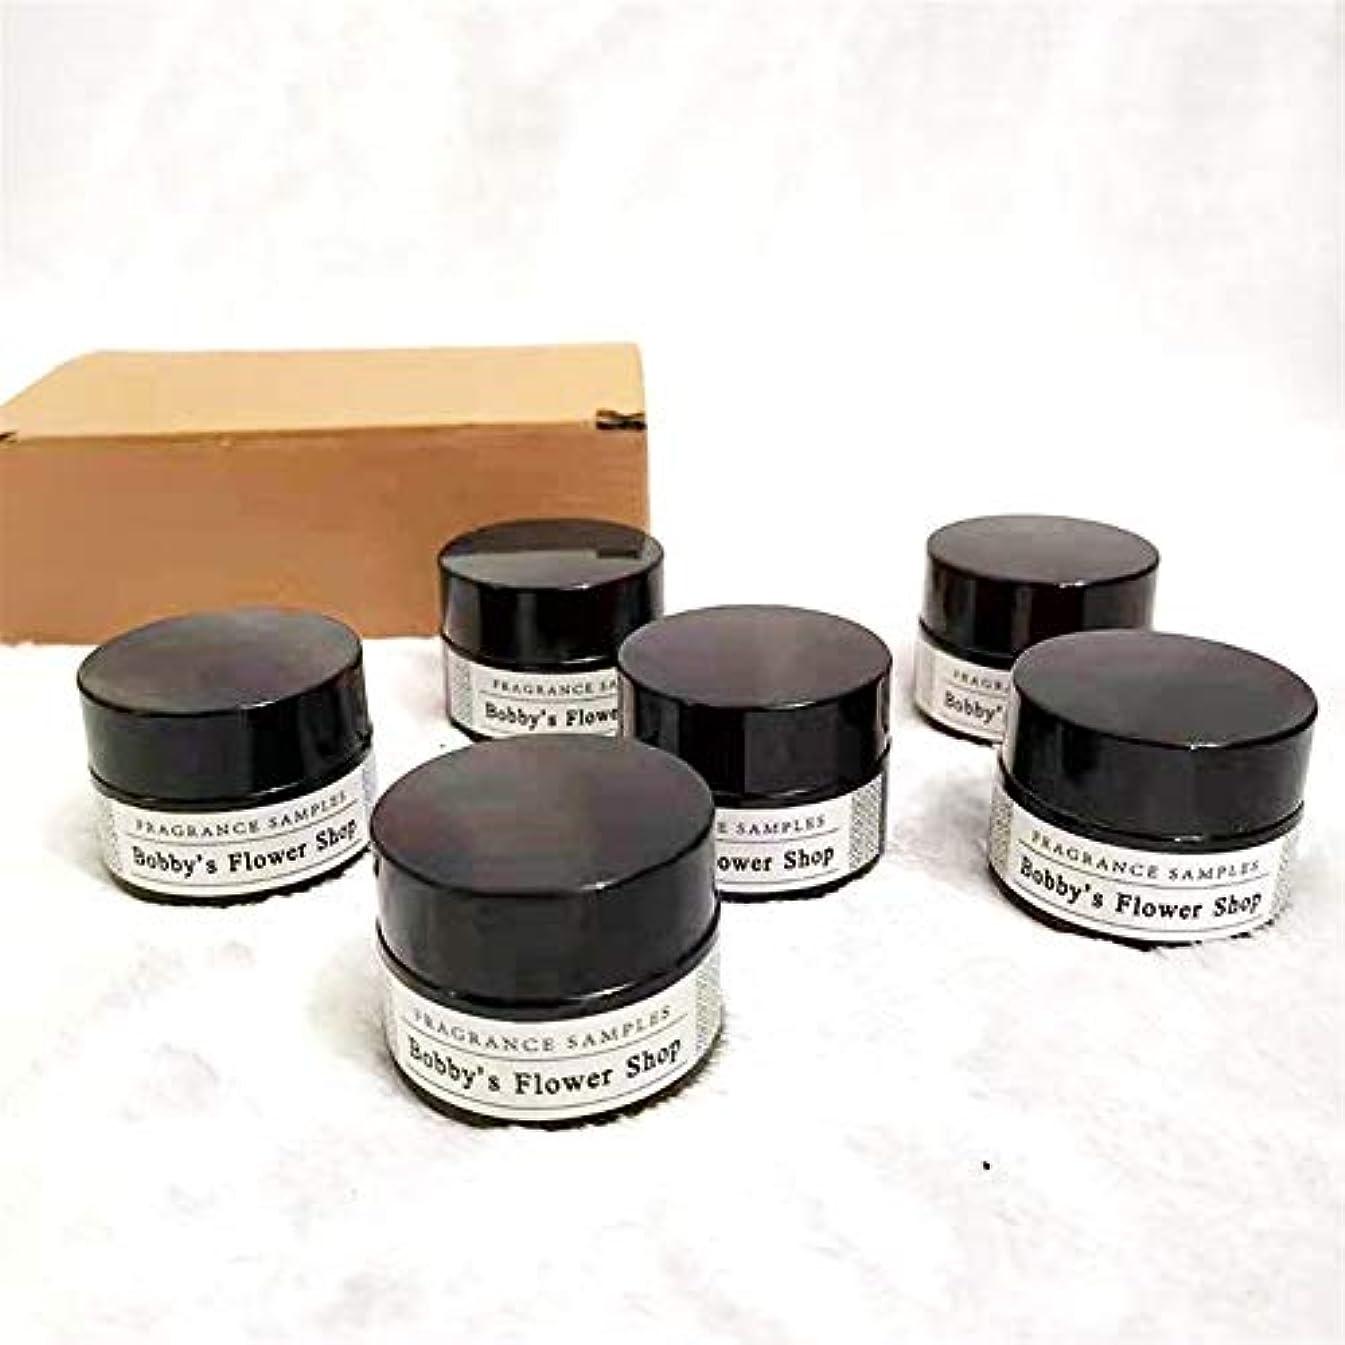 一般的なドライバドライバACAO アロマセラピーキャンドルグラス、ガラスの香りライブラリ、告白小道具、無煙の香り、大豆ワックス (色 : 14cm*9cm*4.6cm)